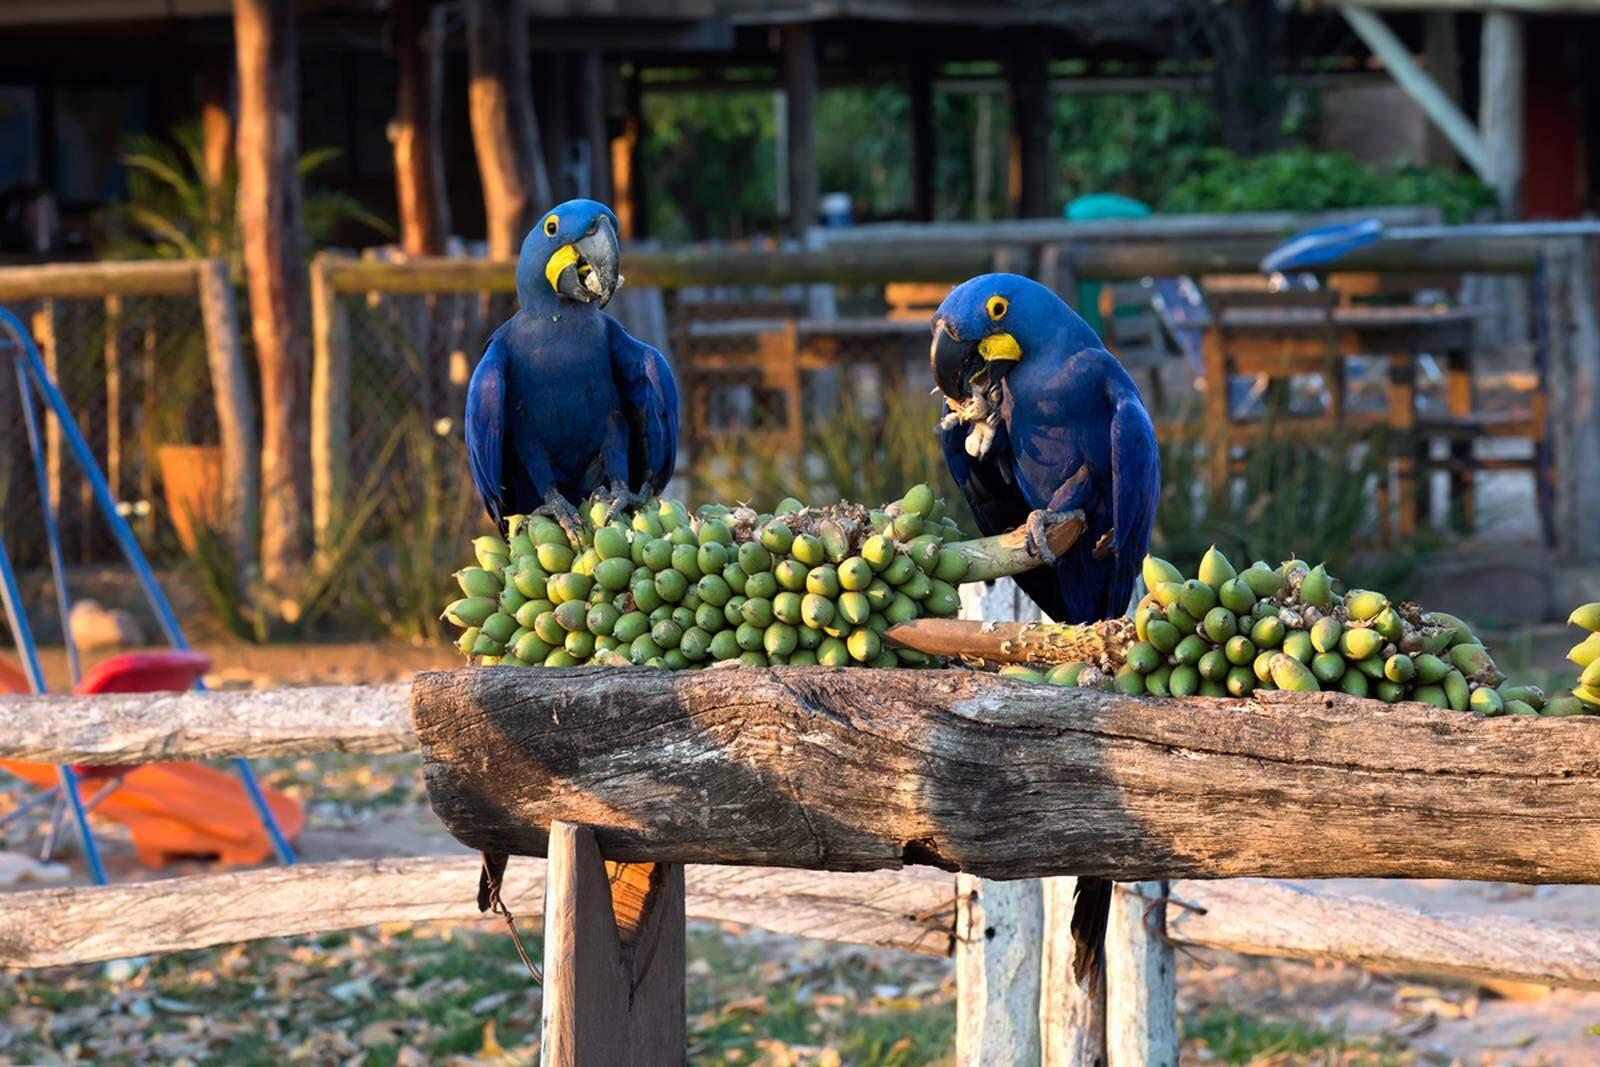 Casal de arara-azul, espécie de ave da família dos papagaios e periquitos, se alimentando em fazenda do Pantanal (Foto: Visit Pantanal/Divulgação)